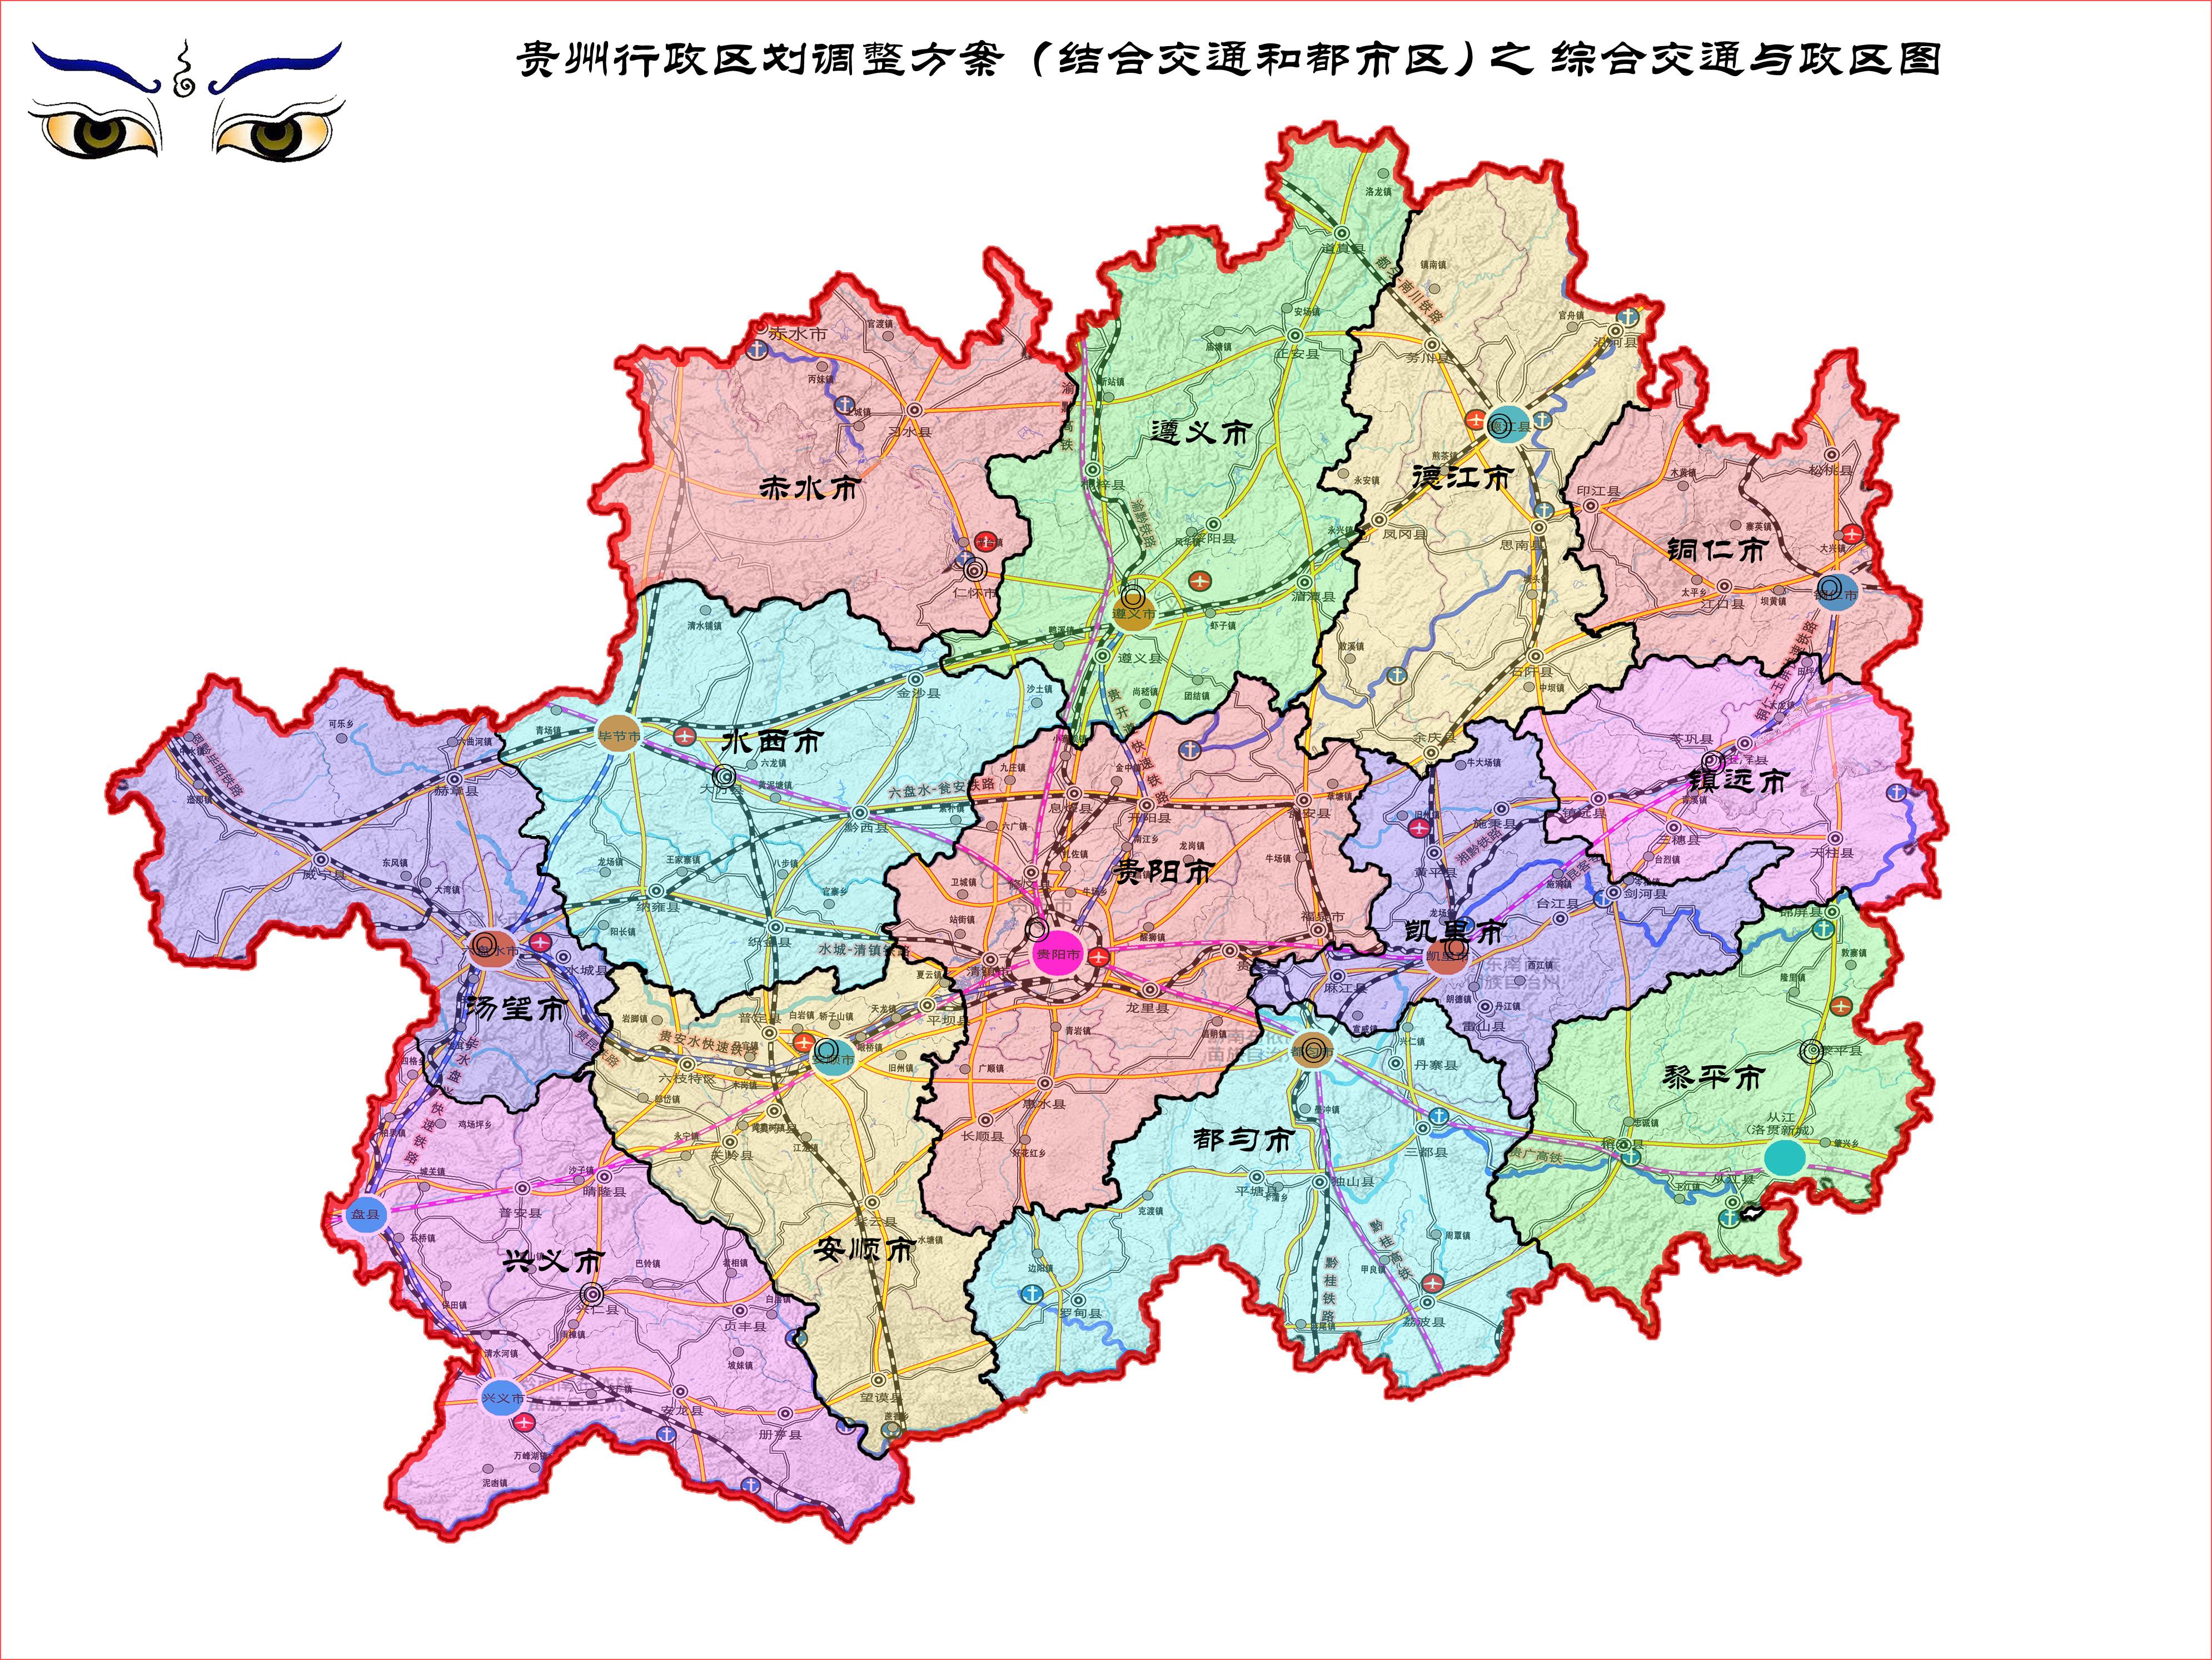 贵州旅游景点大全地图